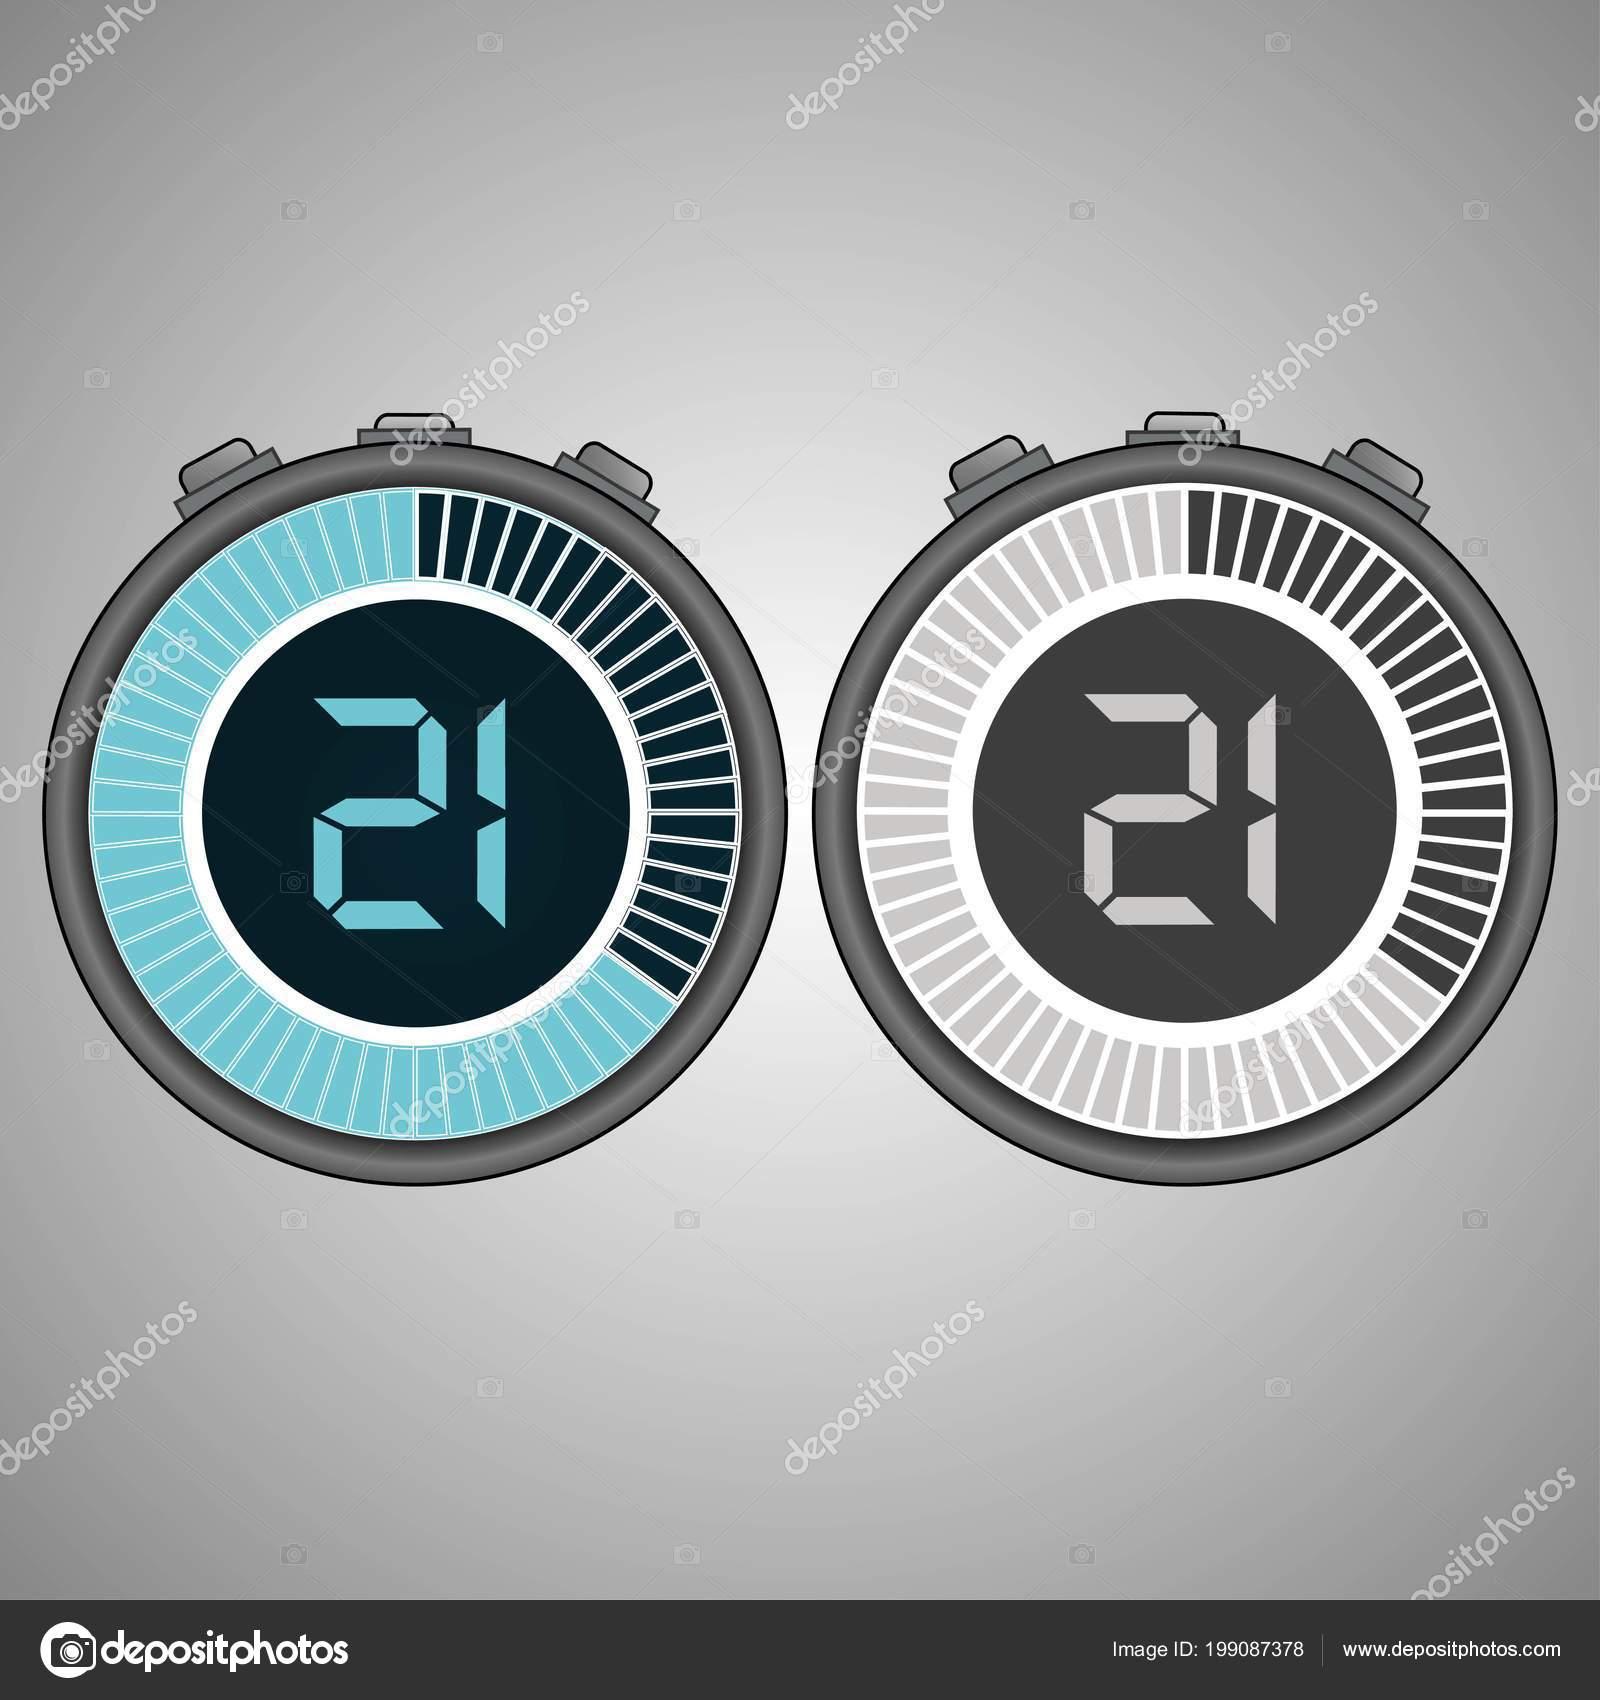 7f4bdd3cb7b3 Cronómetro Digital electrónico. Contador 21 segundos aislados sobre fondo  gris. Conjunto de icono de cronómetro. Icono del temporizador. Control de  tiempo.